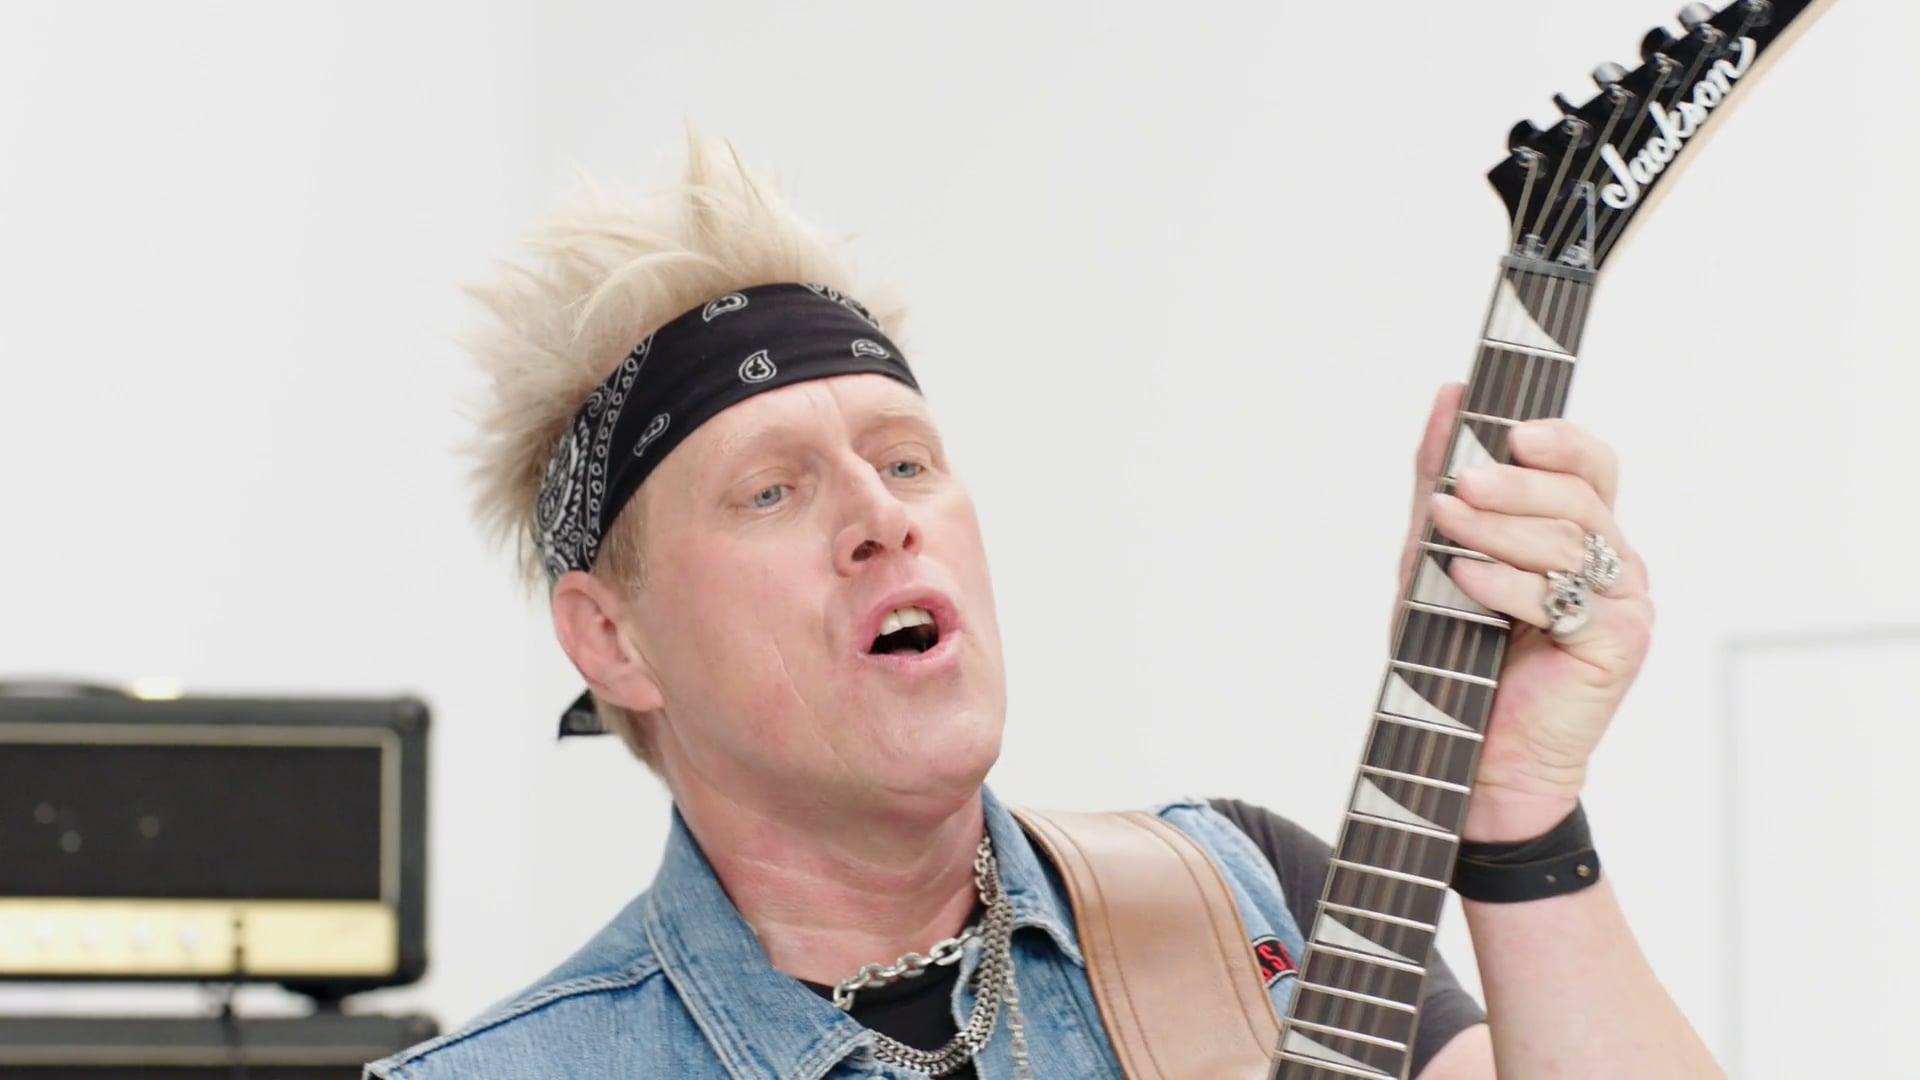 Rigips Habito Rock 'n' Roll